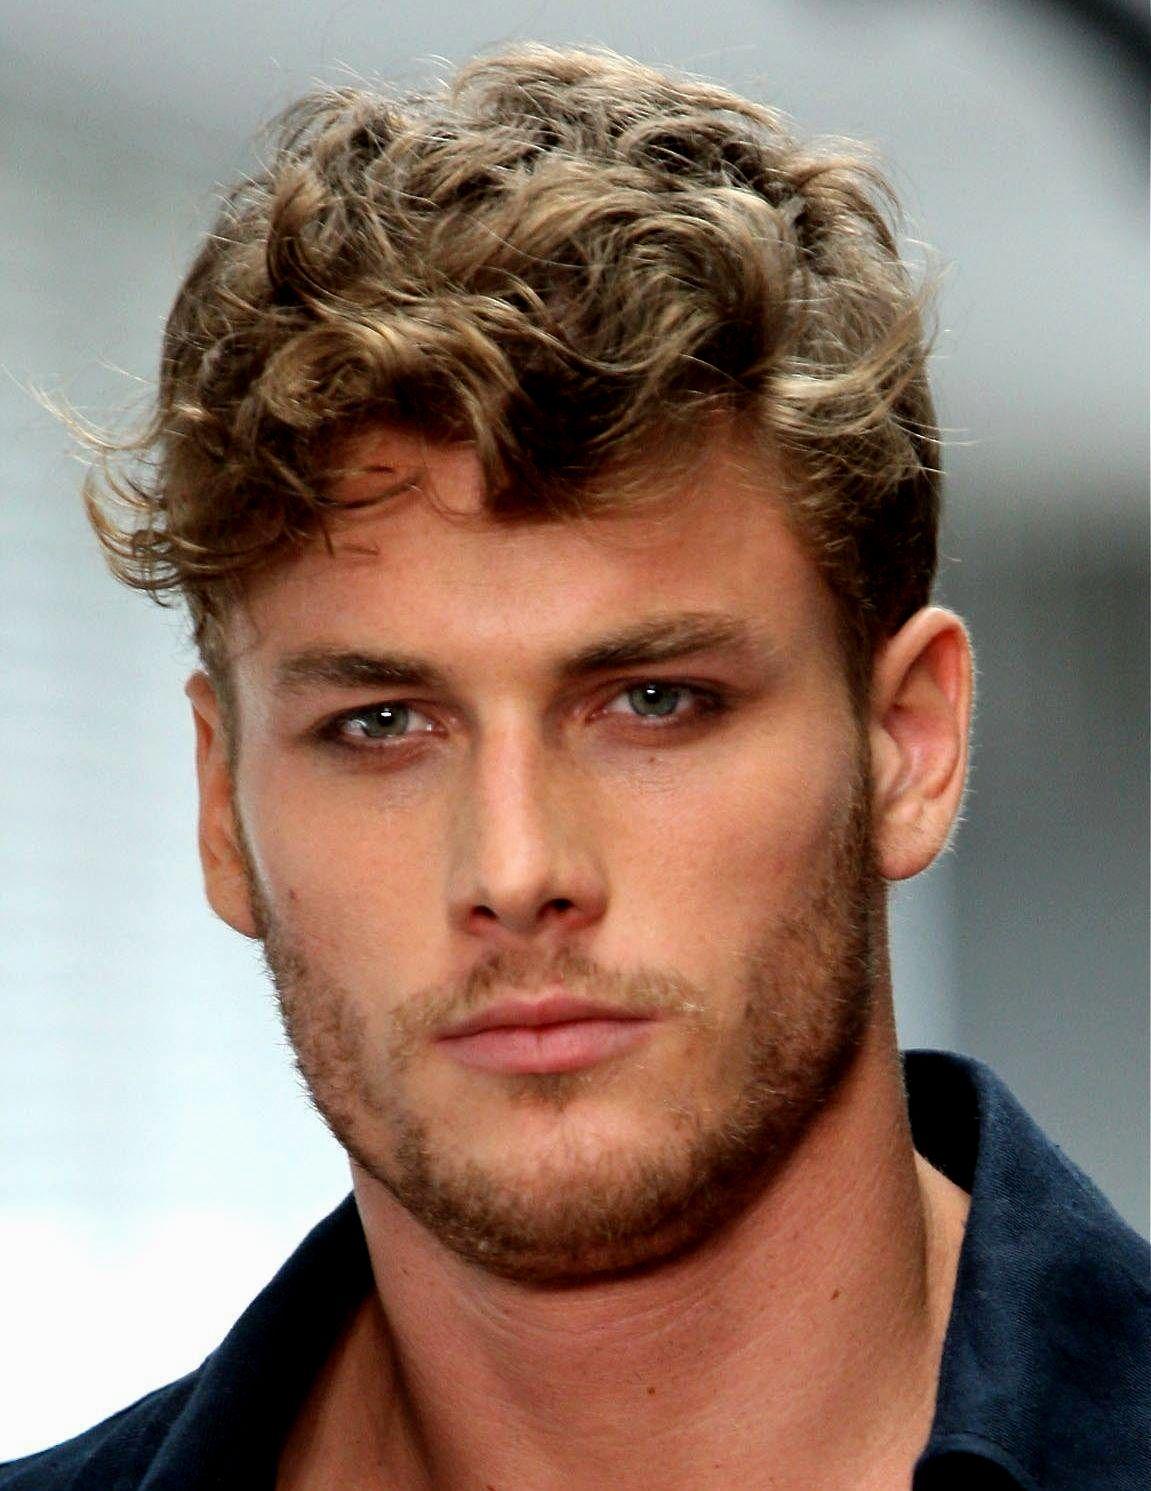 beautiful corte de cabelo masculino curto imagem-Inspirational Corte De Cabelo Masculino Curto Imagem